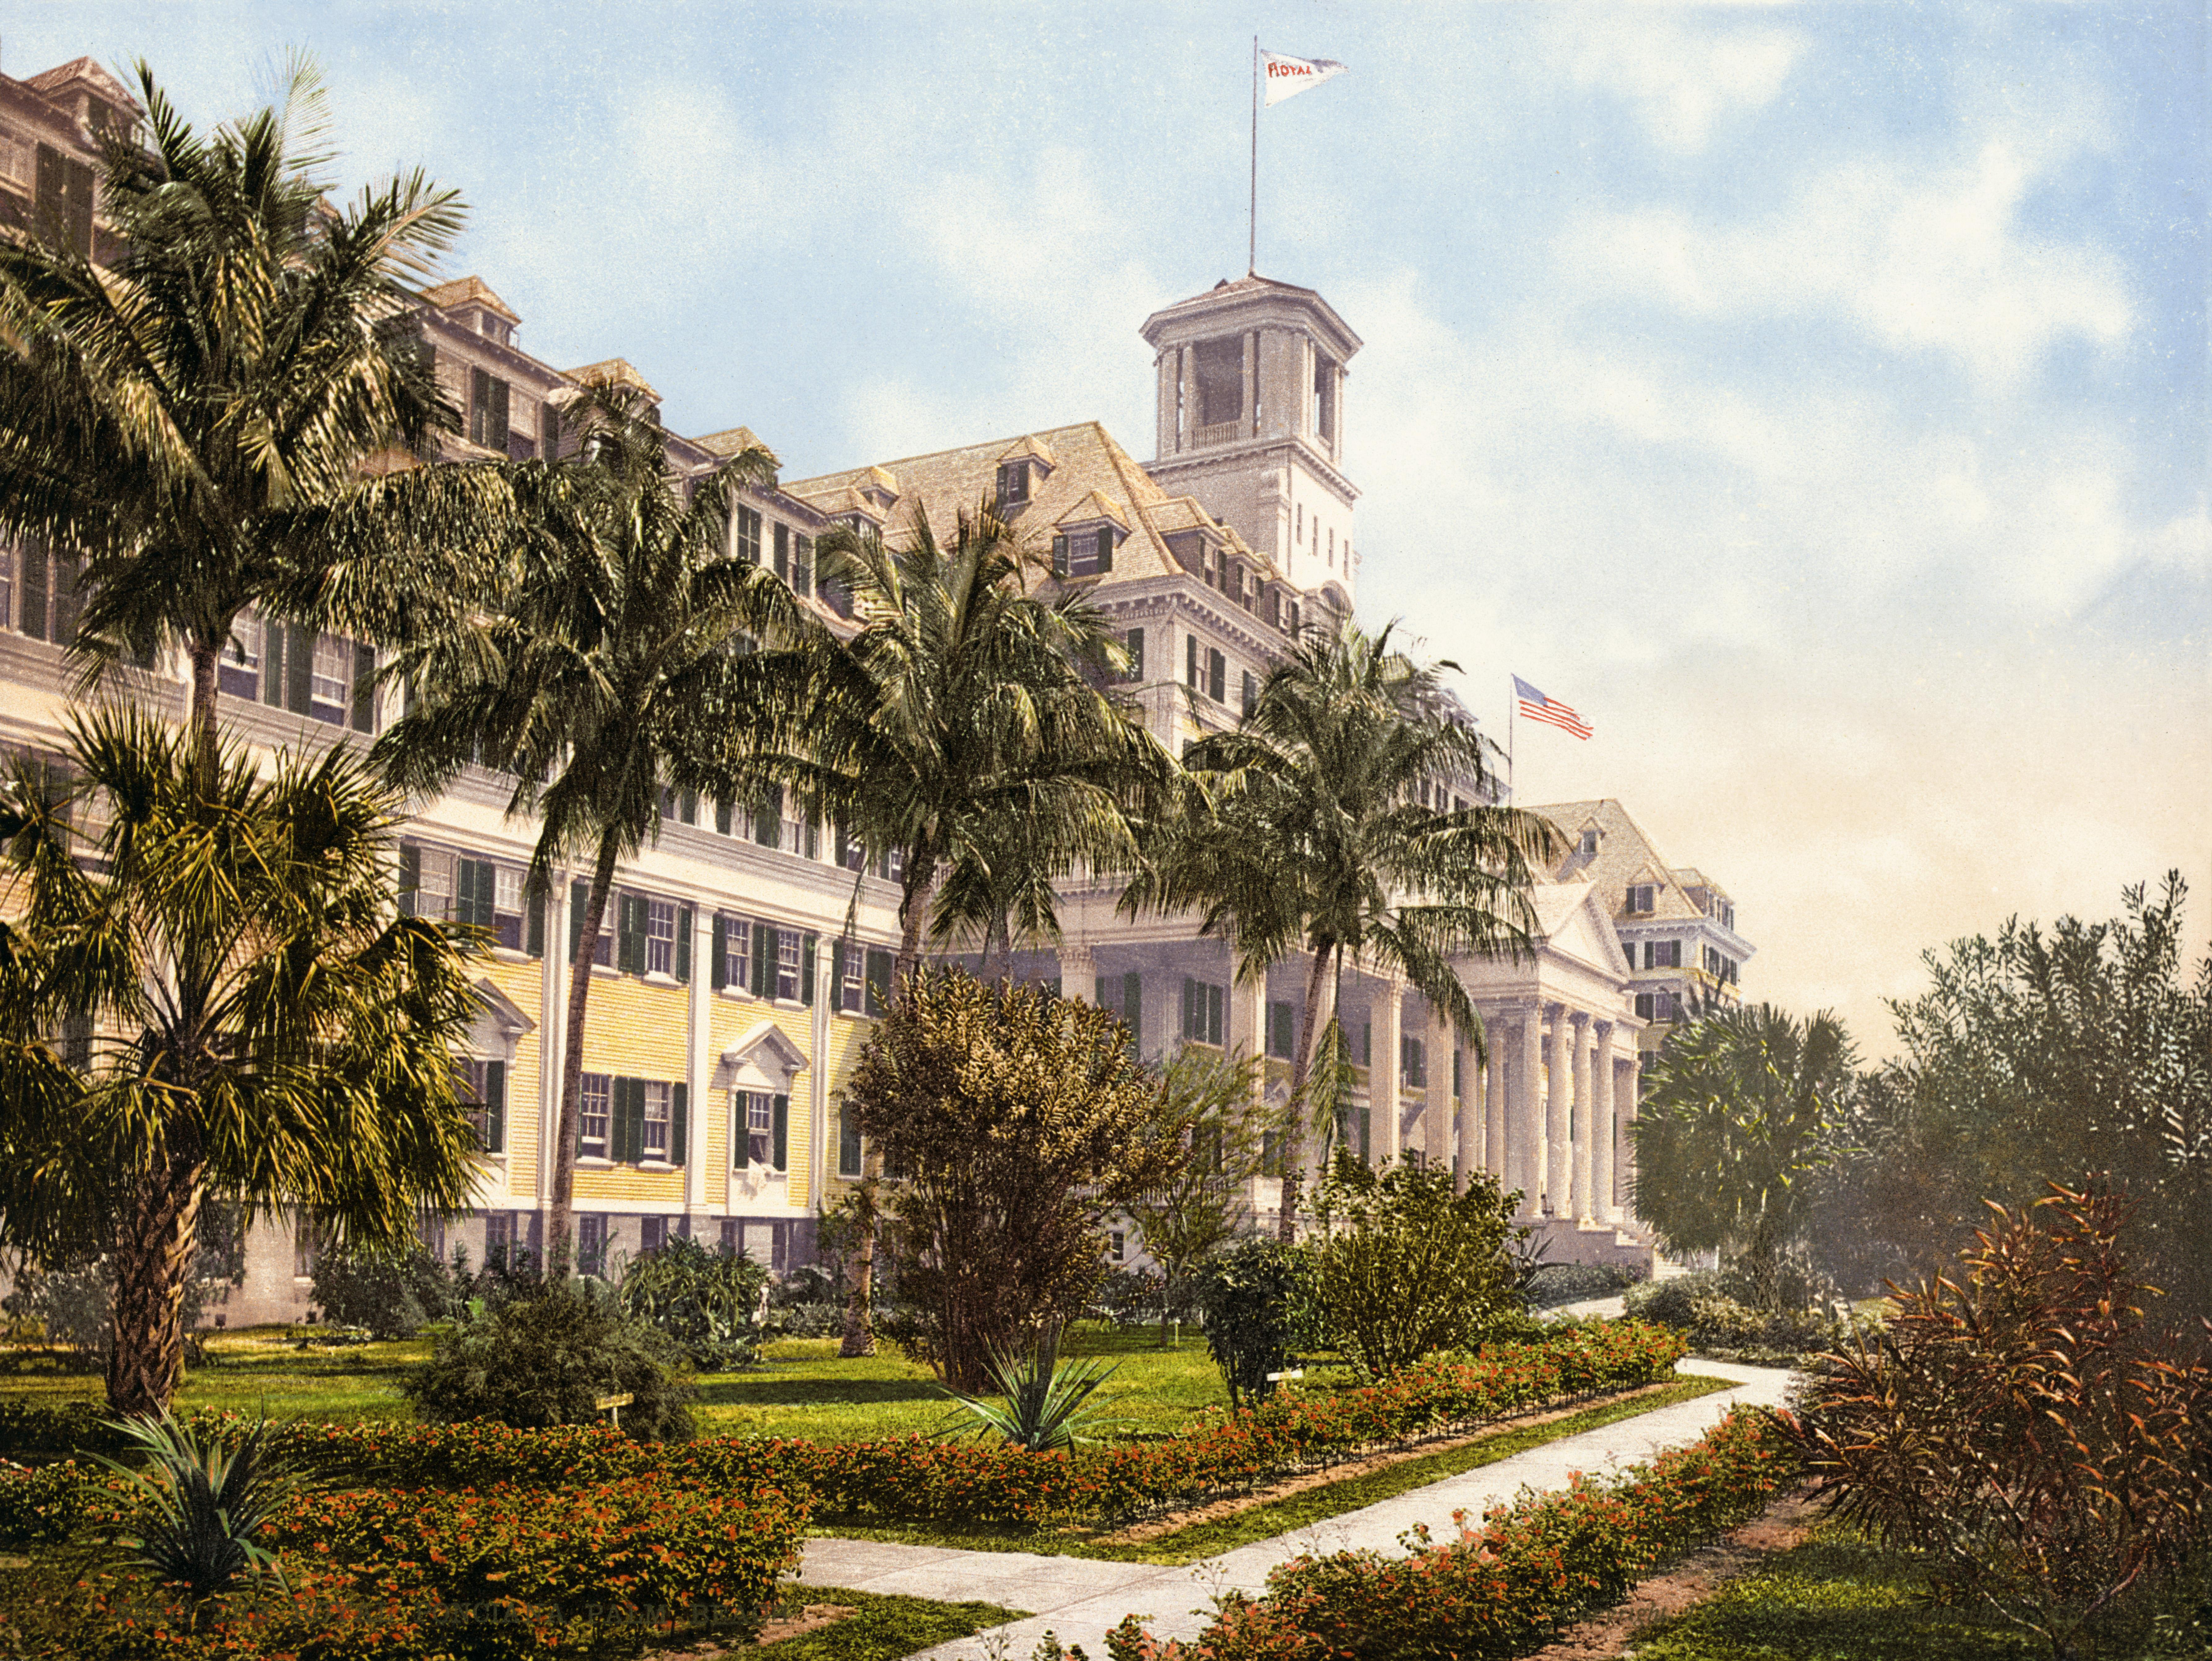 Royal Poinciana Hotel Wikipedia